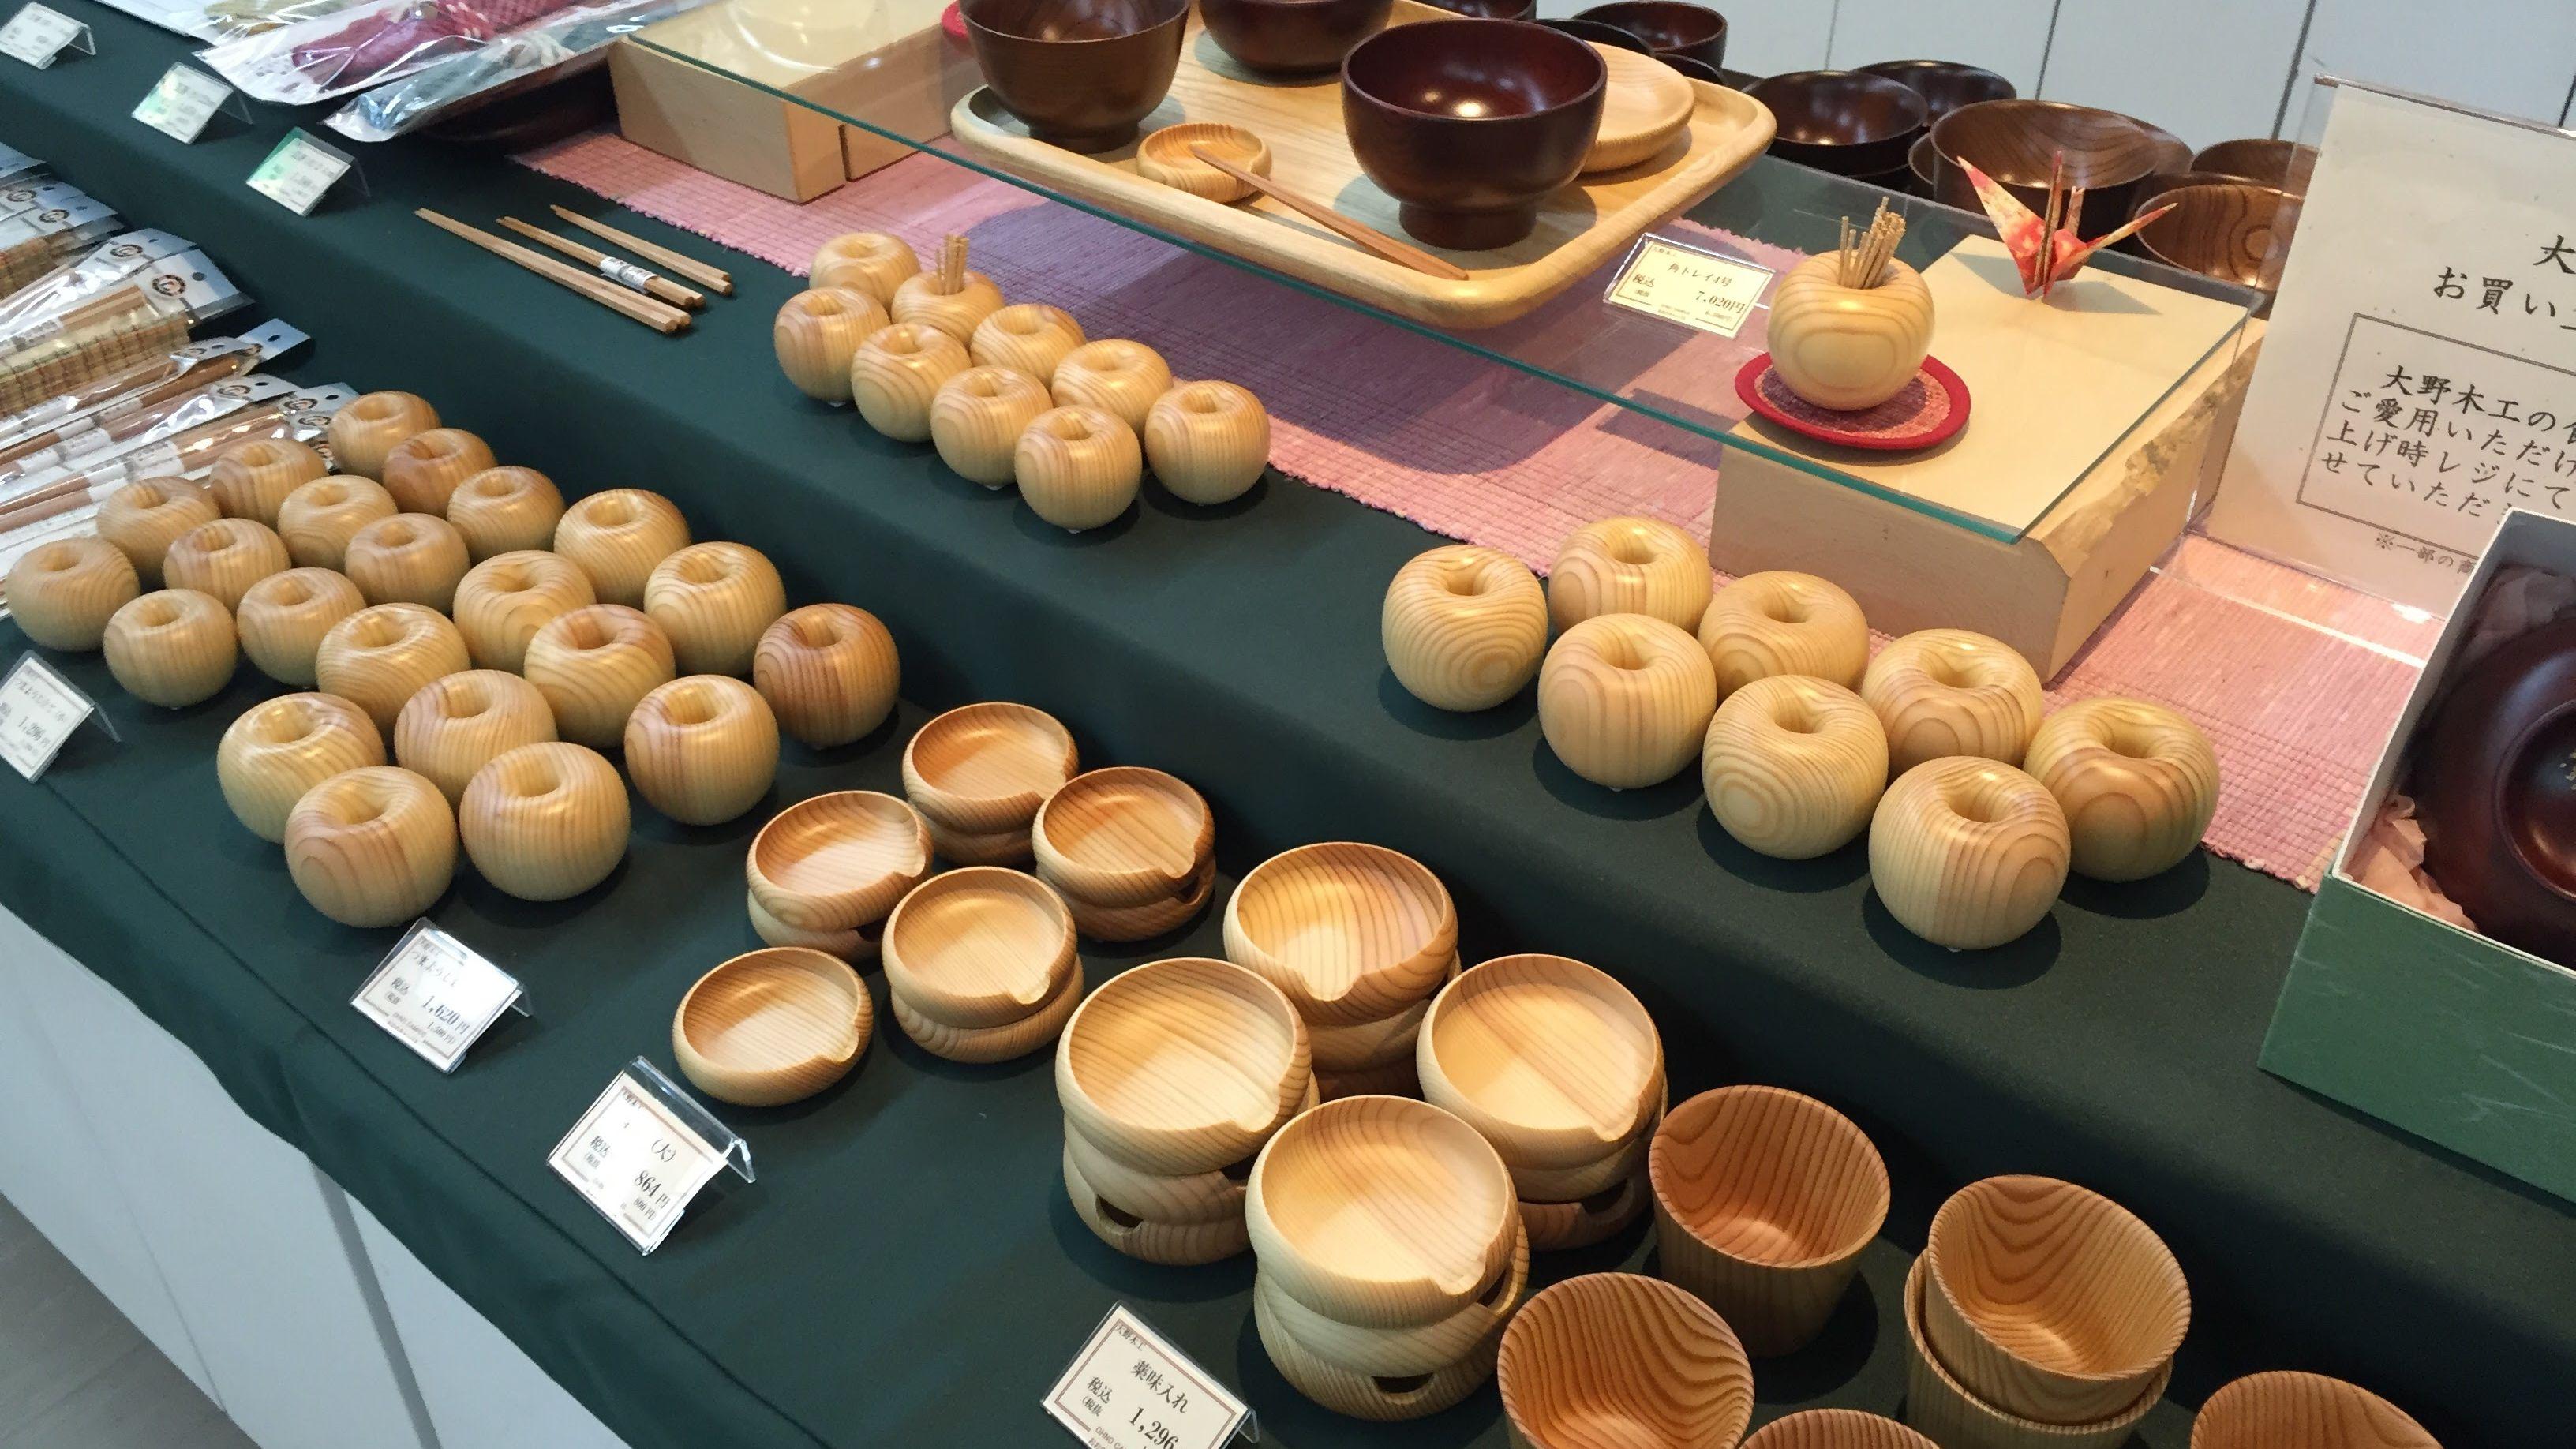 【木工の町】岩手県洋野町のおおのキャンパスで、木工アイデアを広げる。